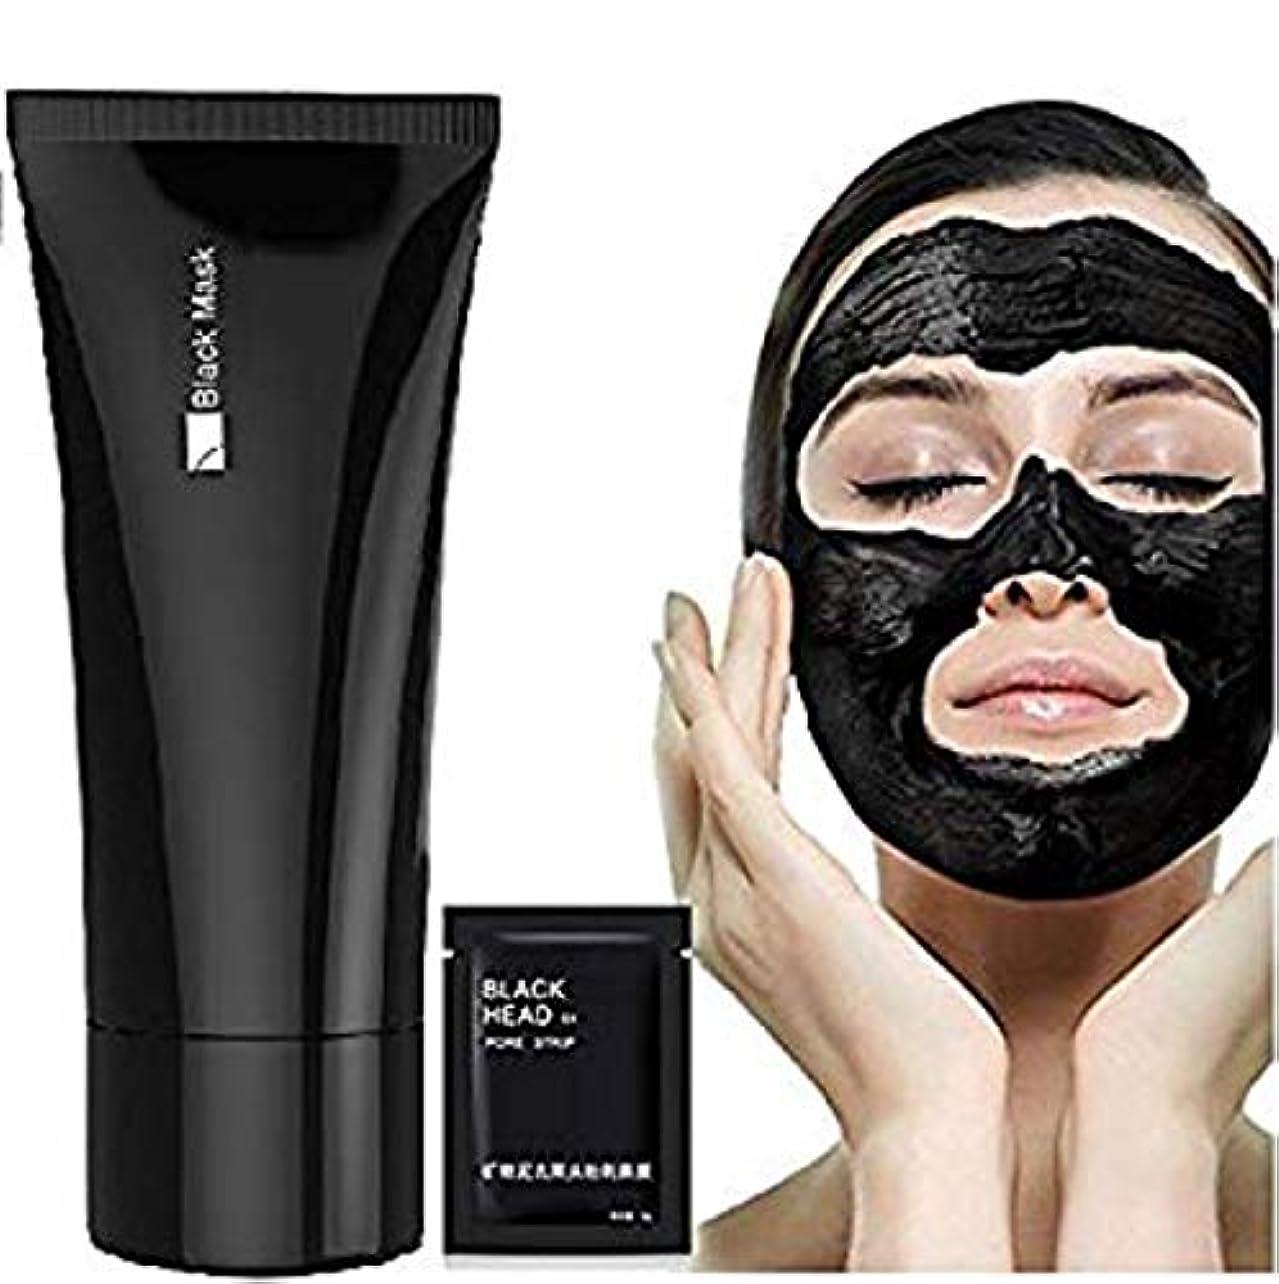 注ぎます肘掛け椅子燃料face apeel facial masks facial cures black mask blackheads peel off mask deep cleansing pore purifying black head...